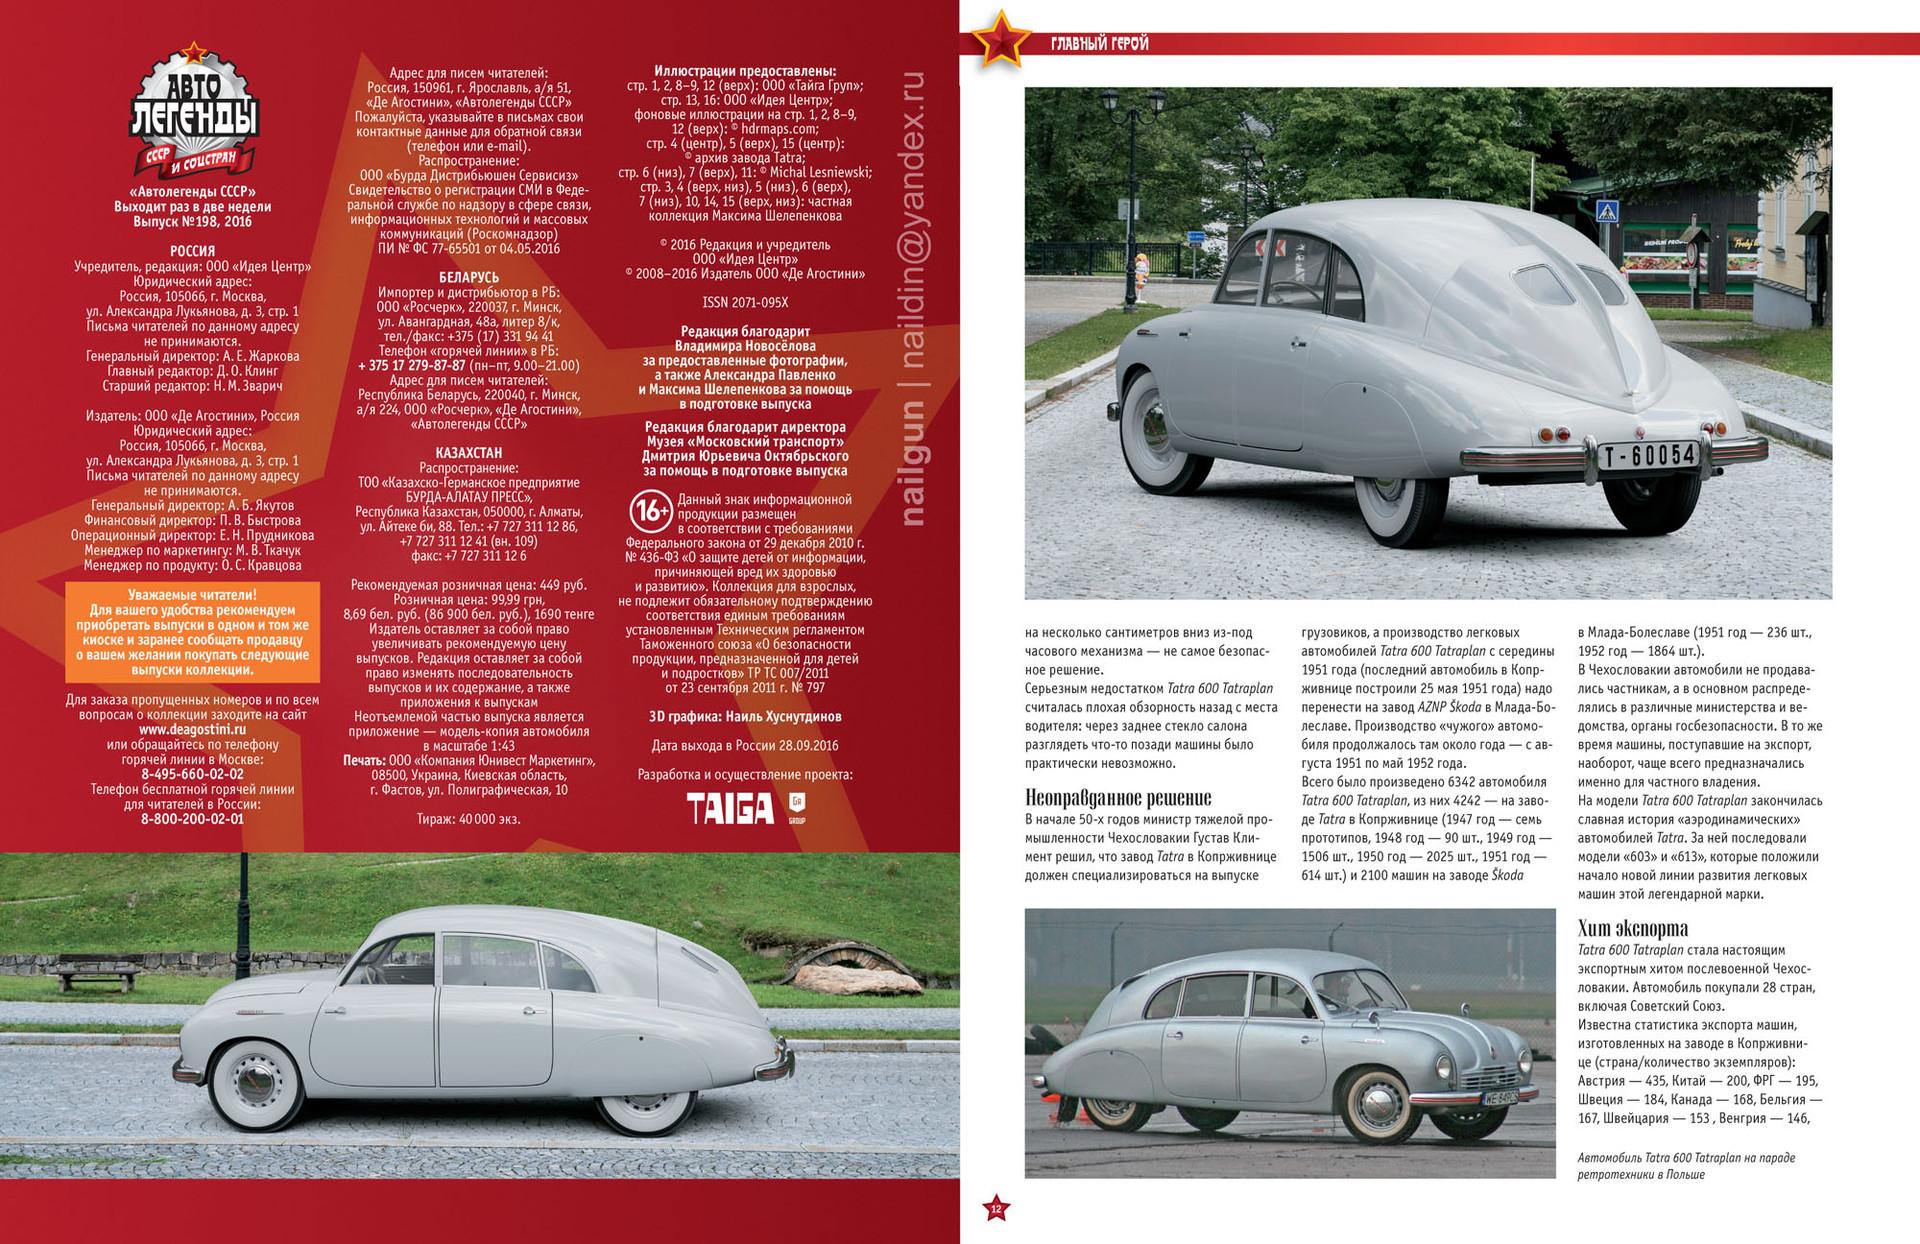 Nail khusnutdinov cars issue 198 hr 2